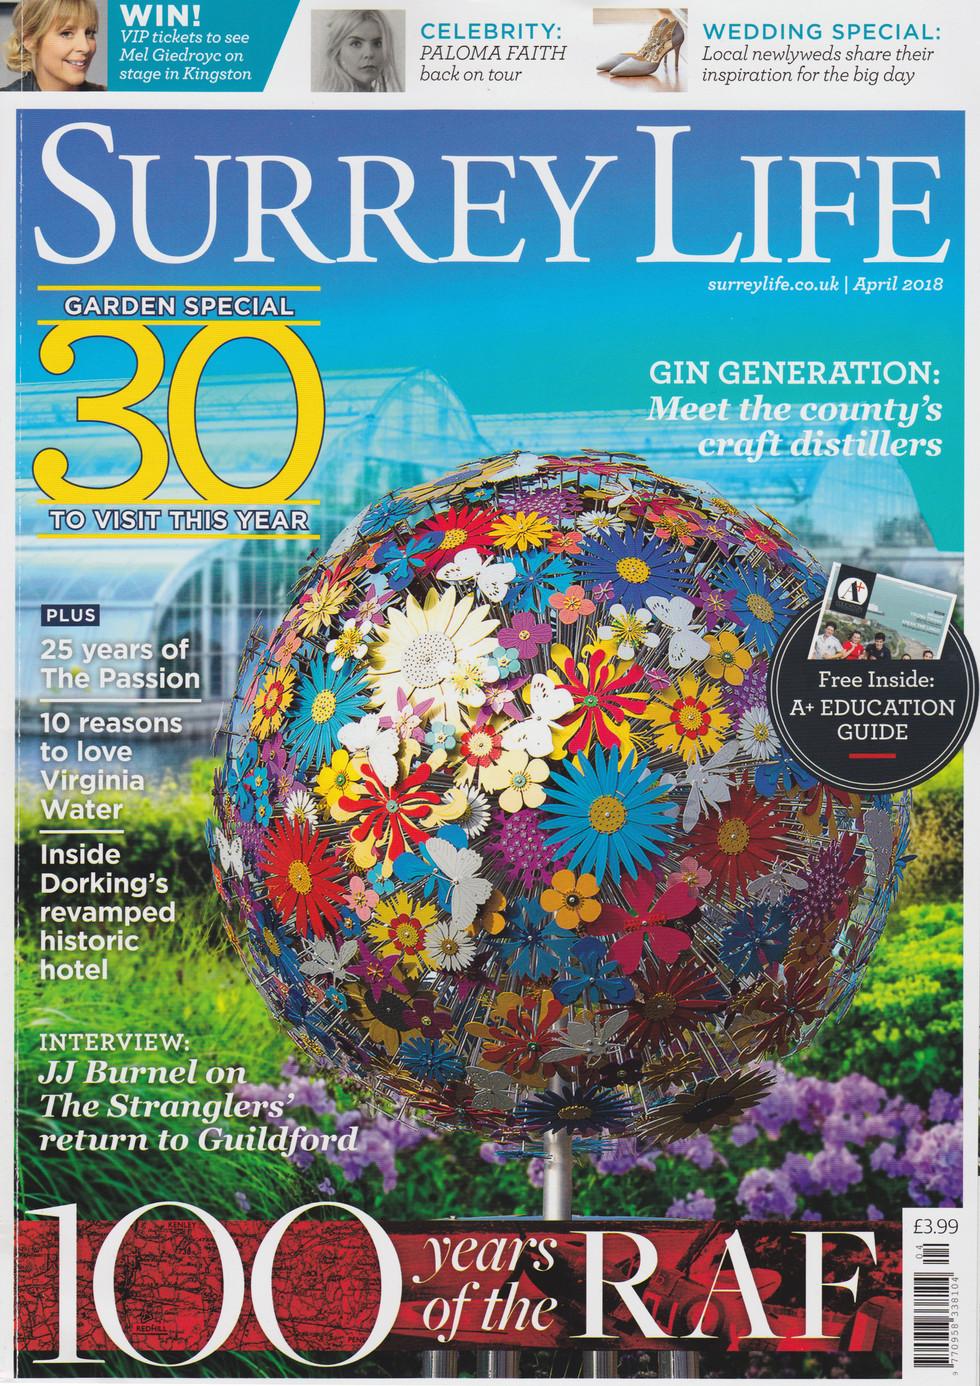 Surrey Life Cover April 2018